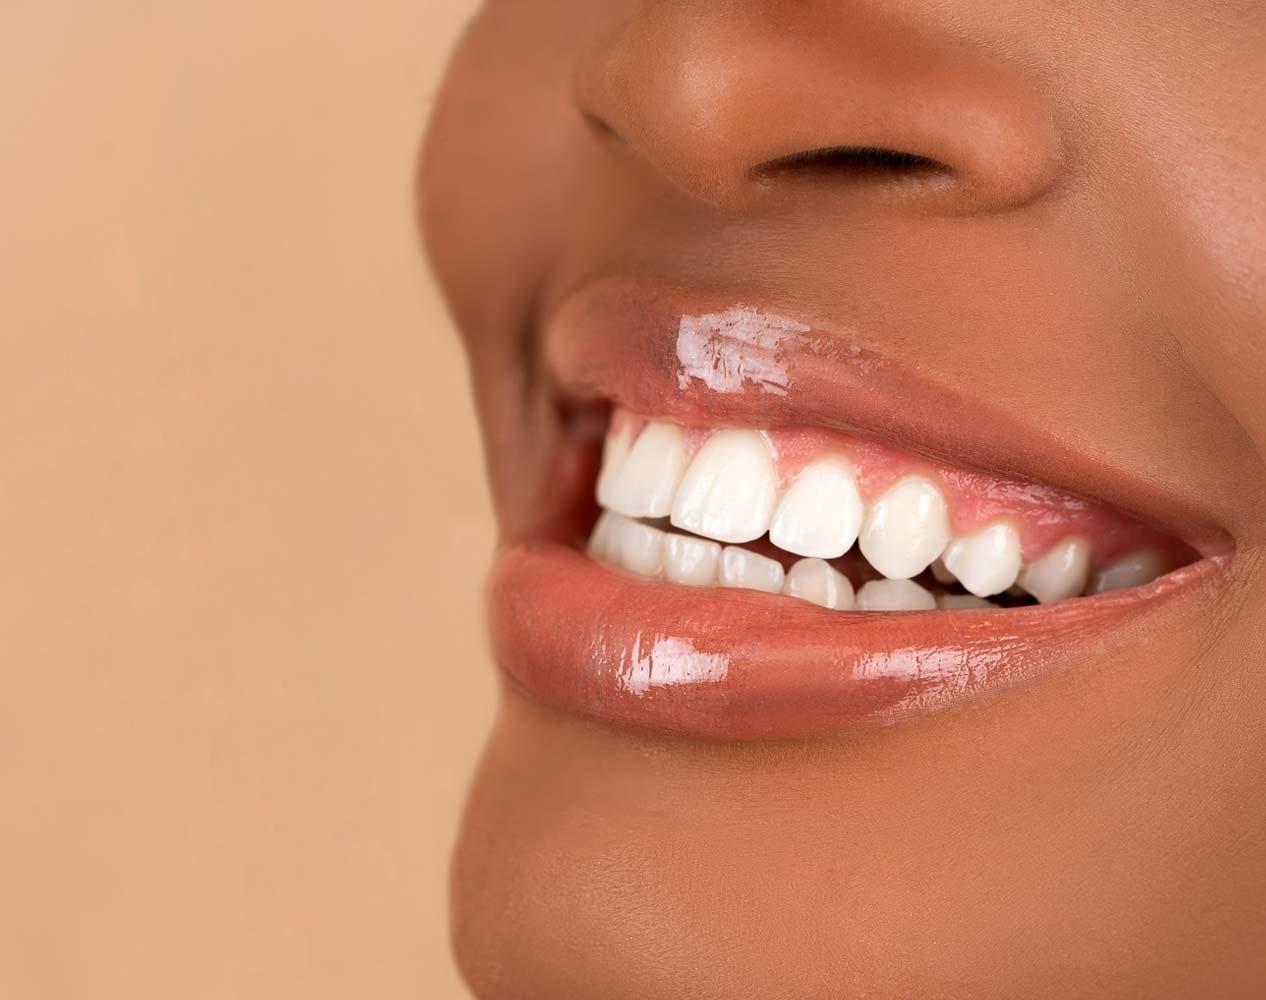 Trikwan - Gummy Smile